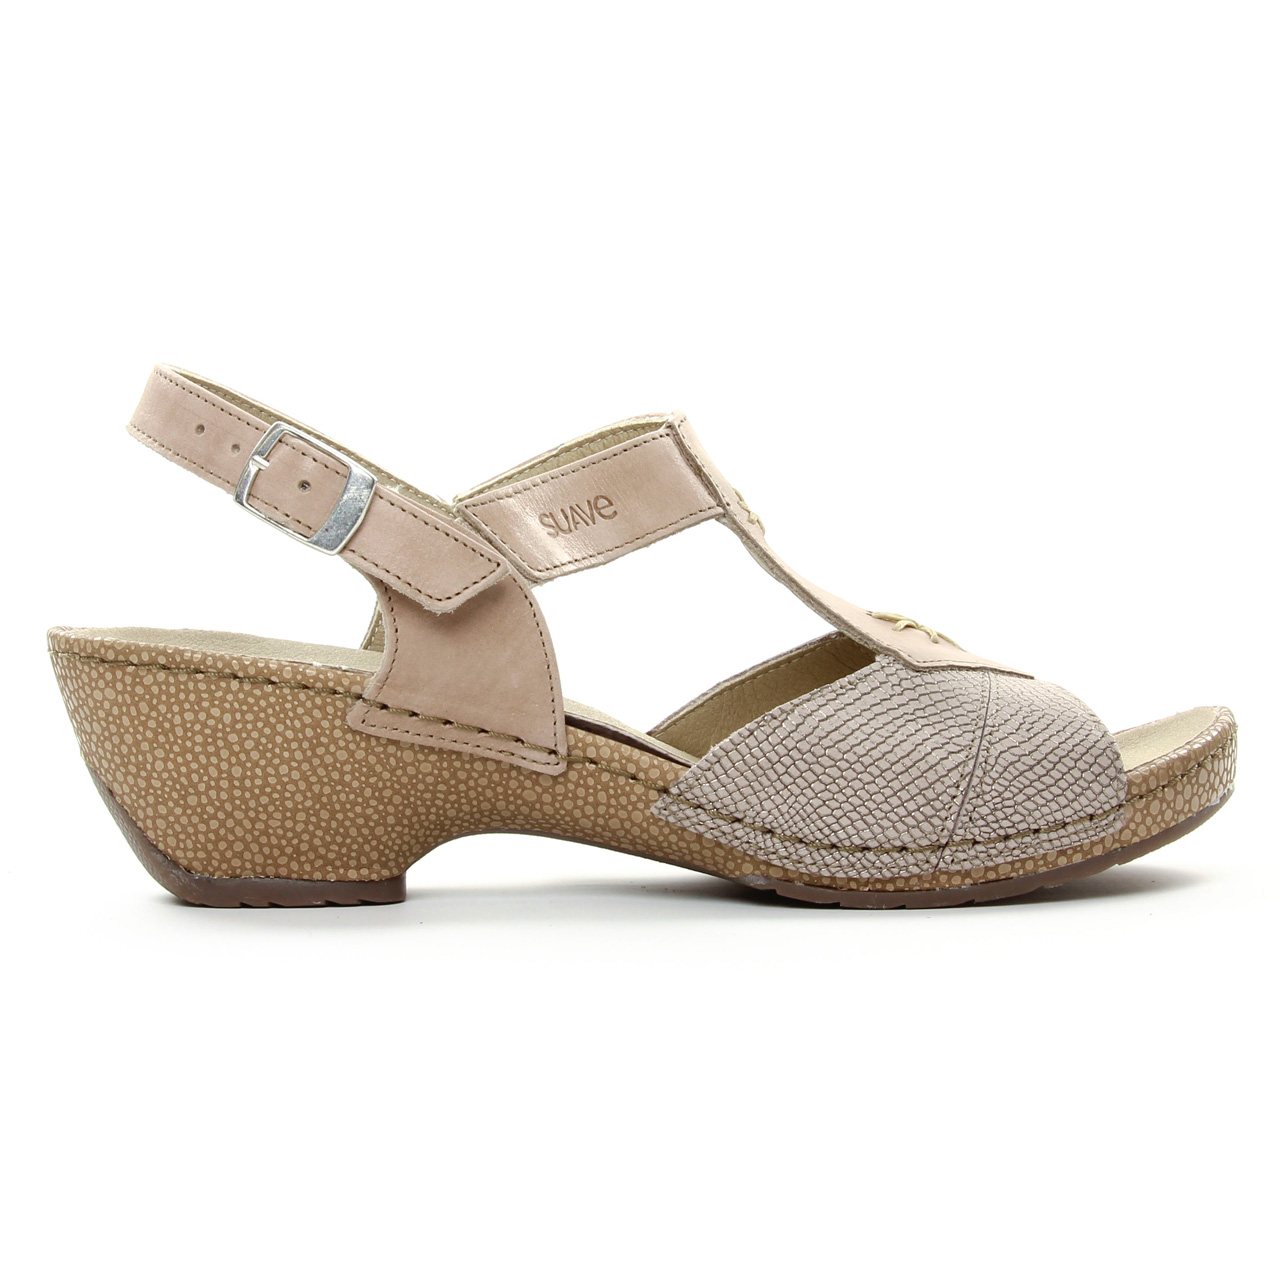 Suave 8519 Sandy   sandales beige doré printemps été chez TROIS PAR 3 5b5563fe2865